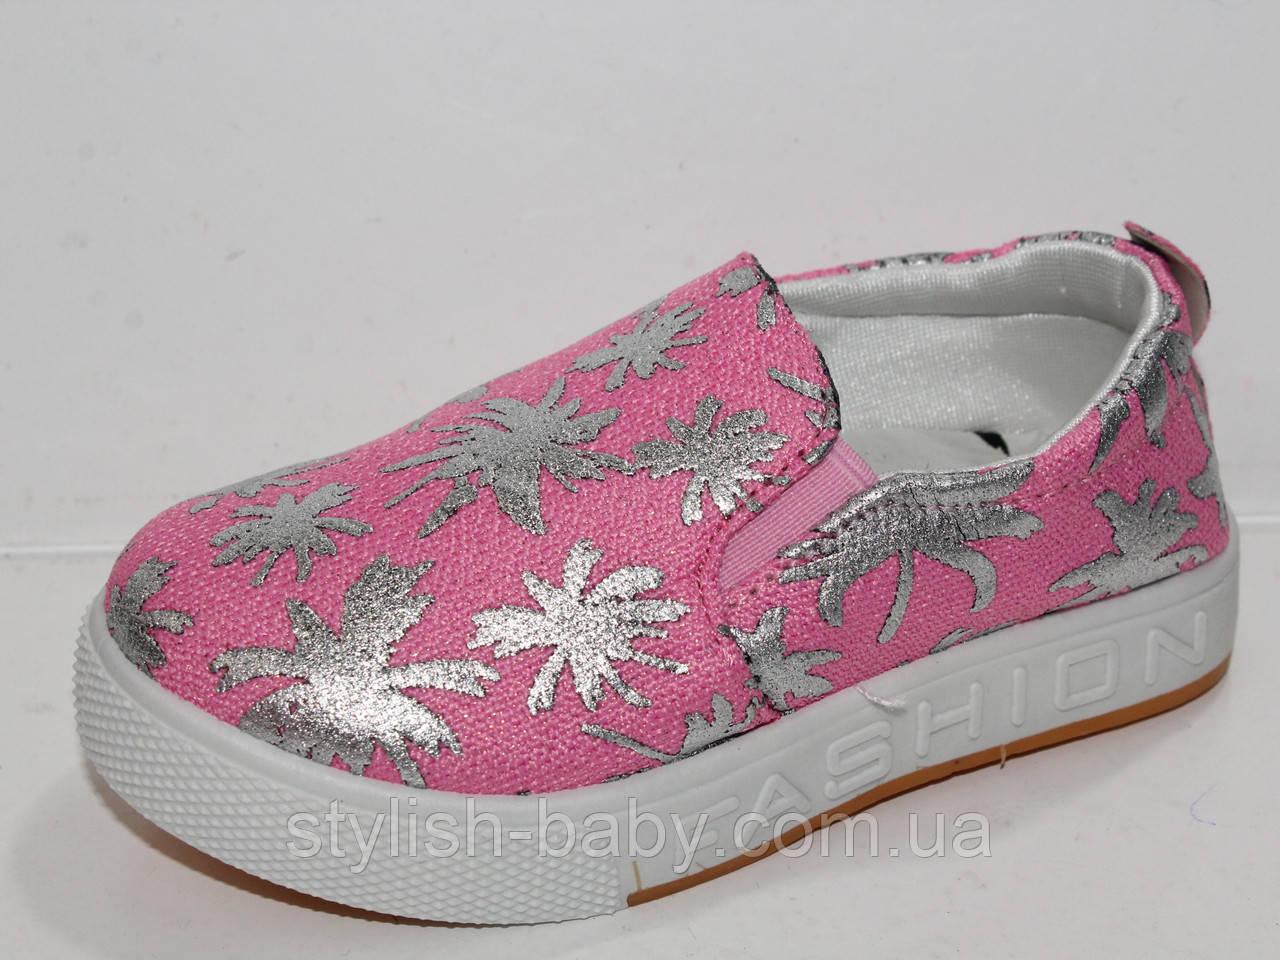 Дитяче спортивне взуття. Дитячі кеди - сліпони бренду С. Промінь для дівчаток (рр. з 25 по 30)